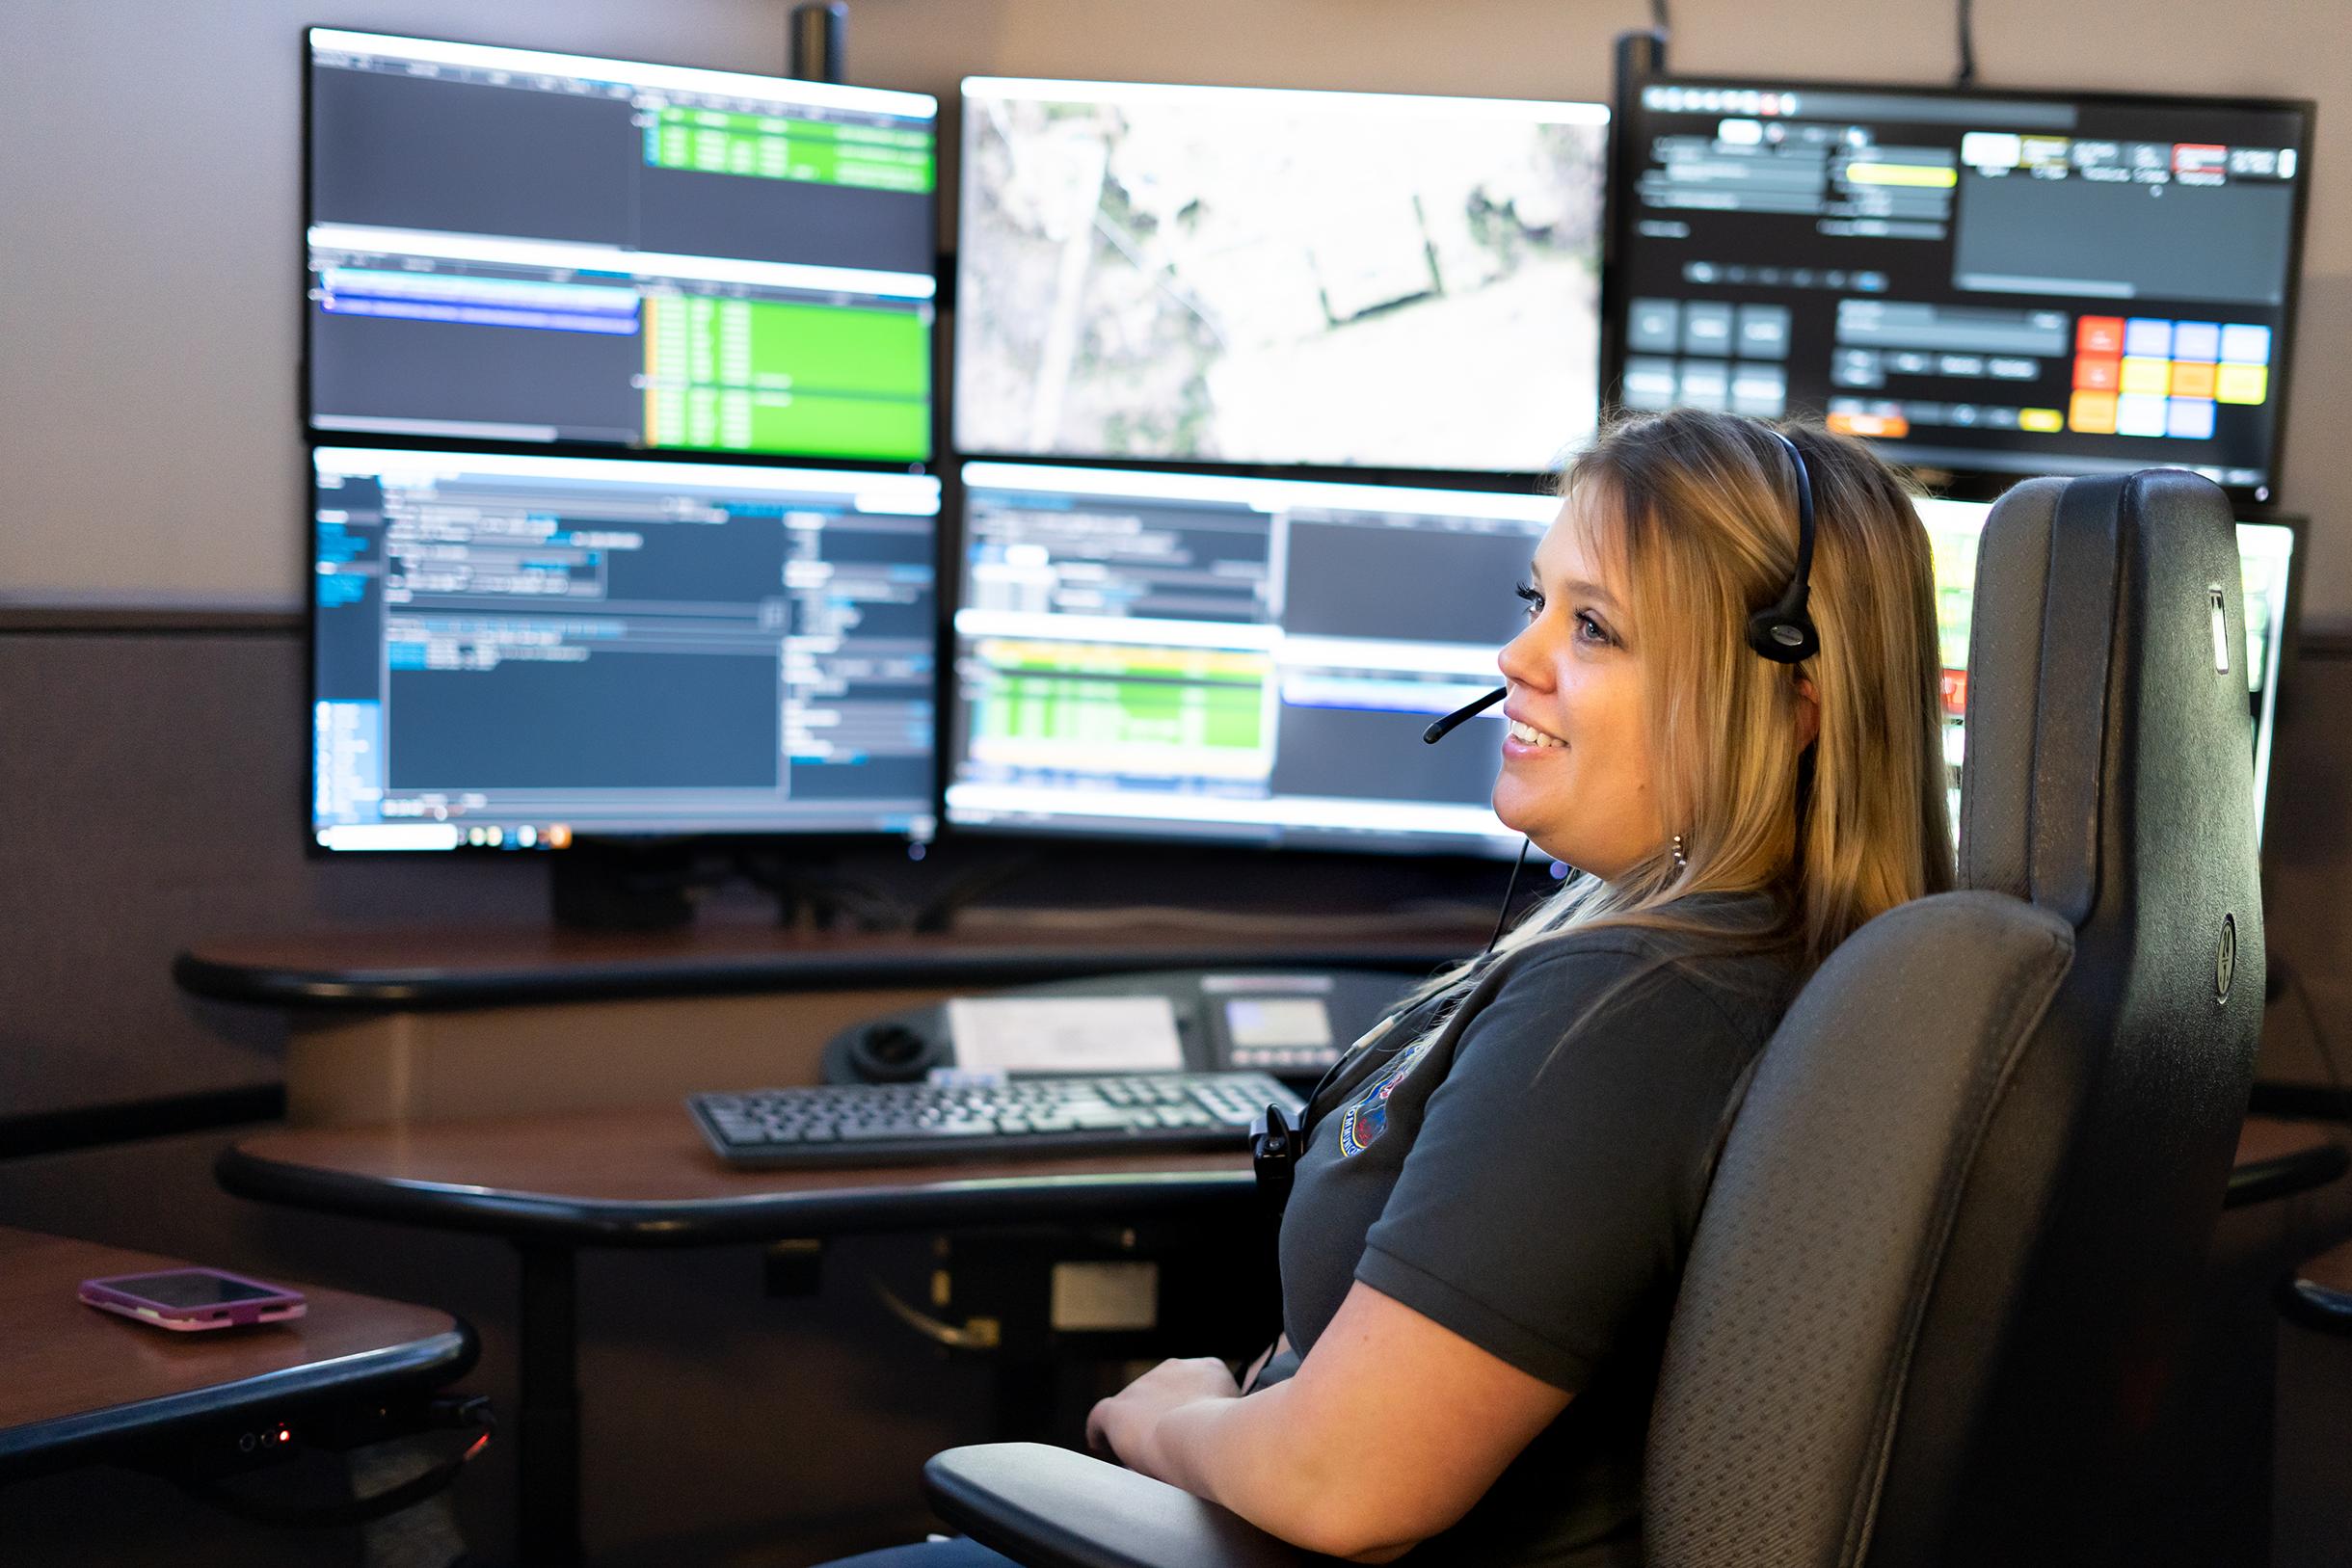 A 911 responder looks at RapidSOS Portal